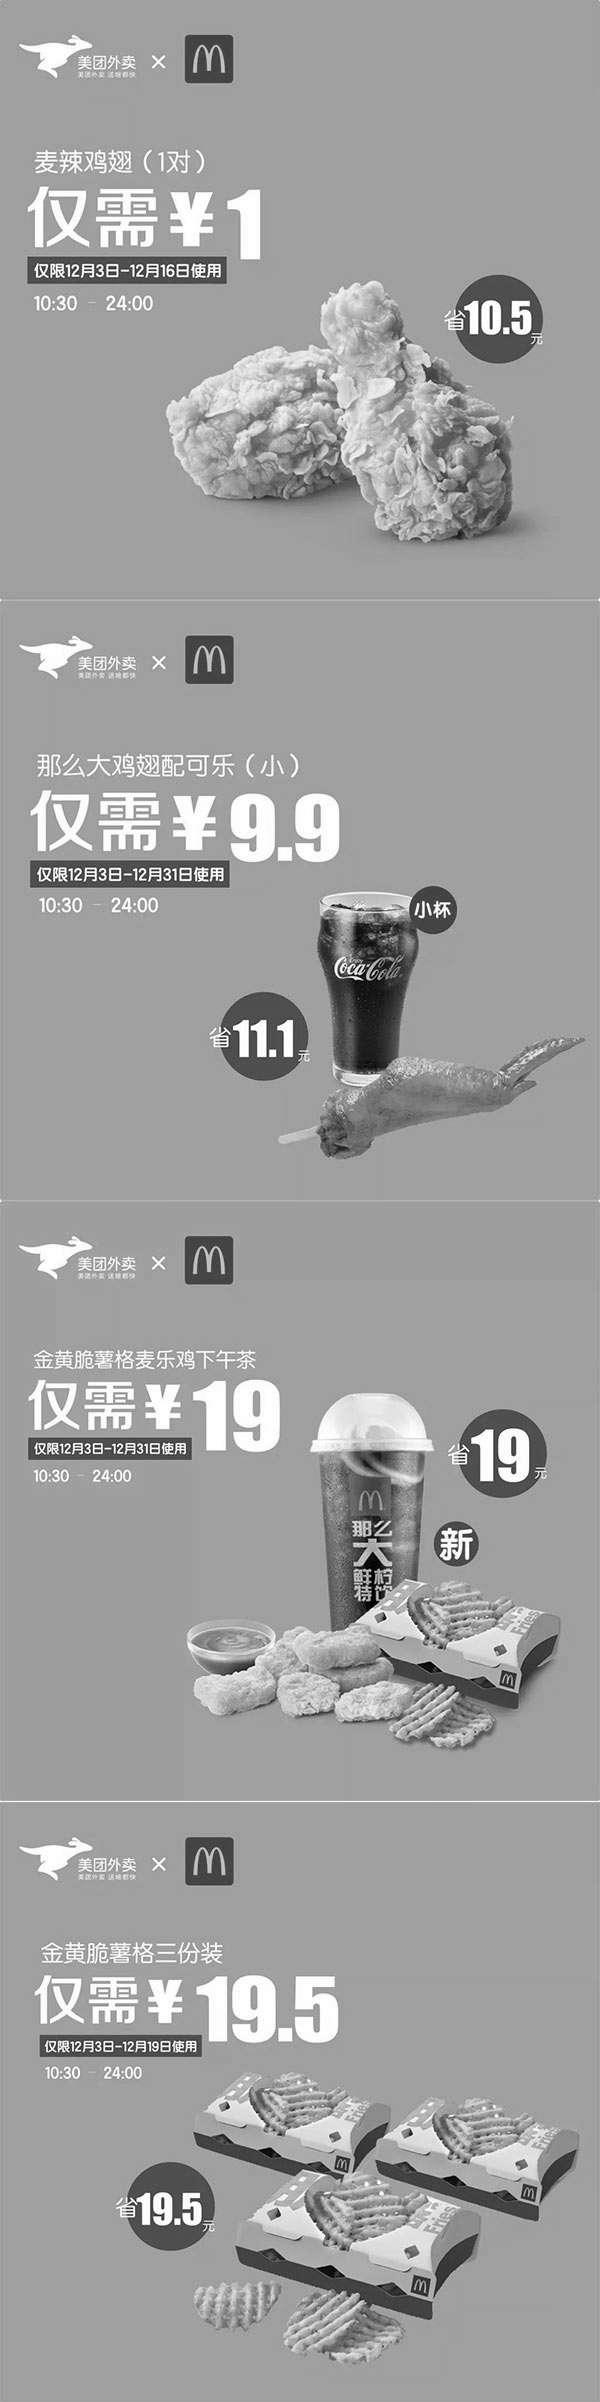 黑白优惠券图片:麦当劳美团外卖1元麦辣鸡翅、9.9元那么大鸡翅配可乐 - www.5ikfc.com